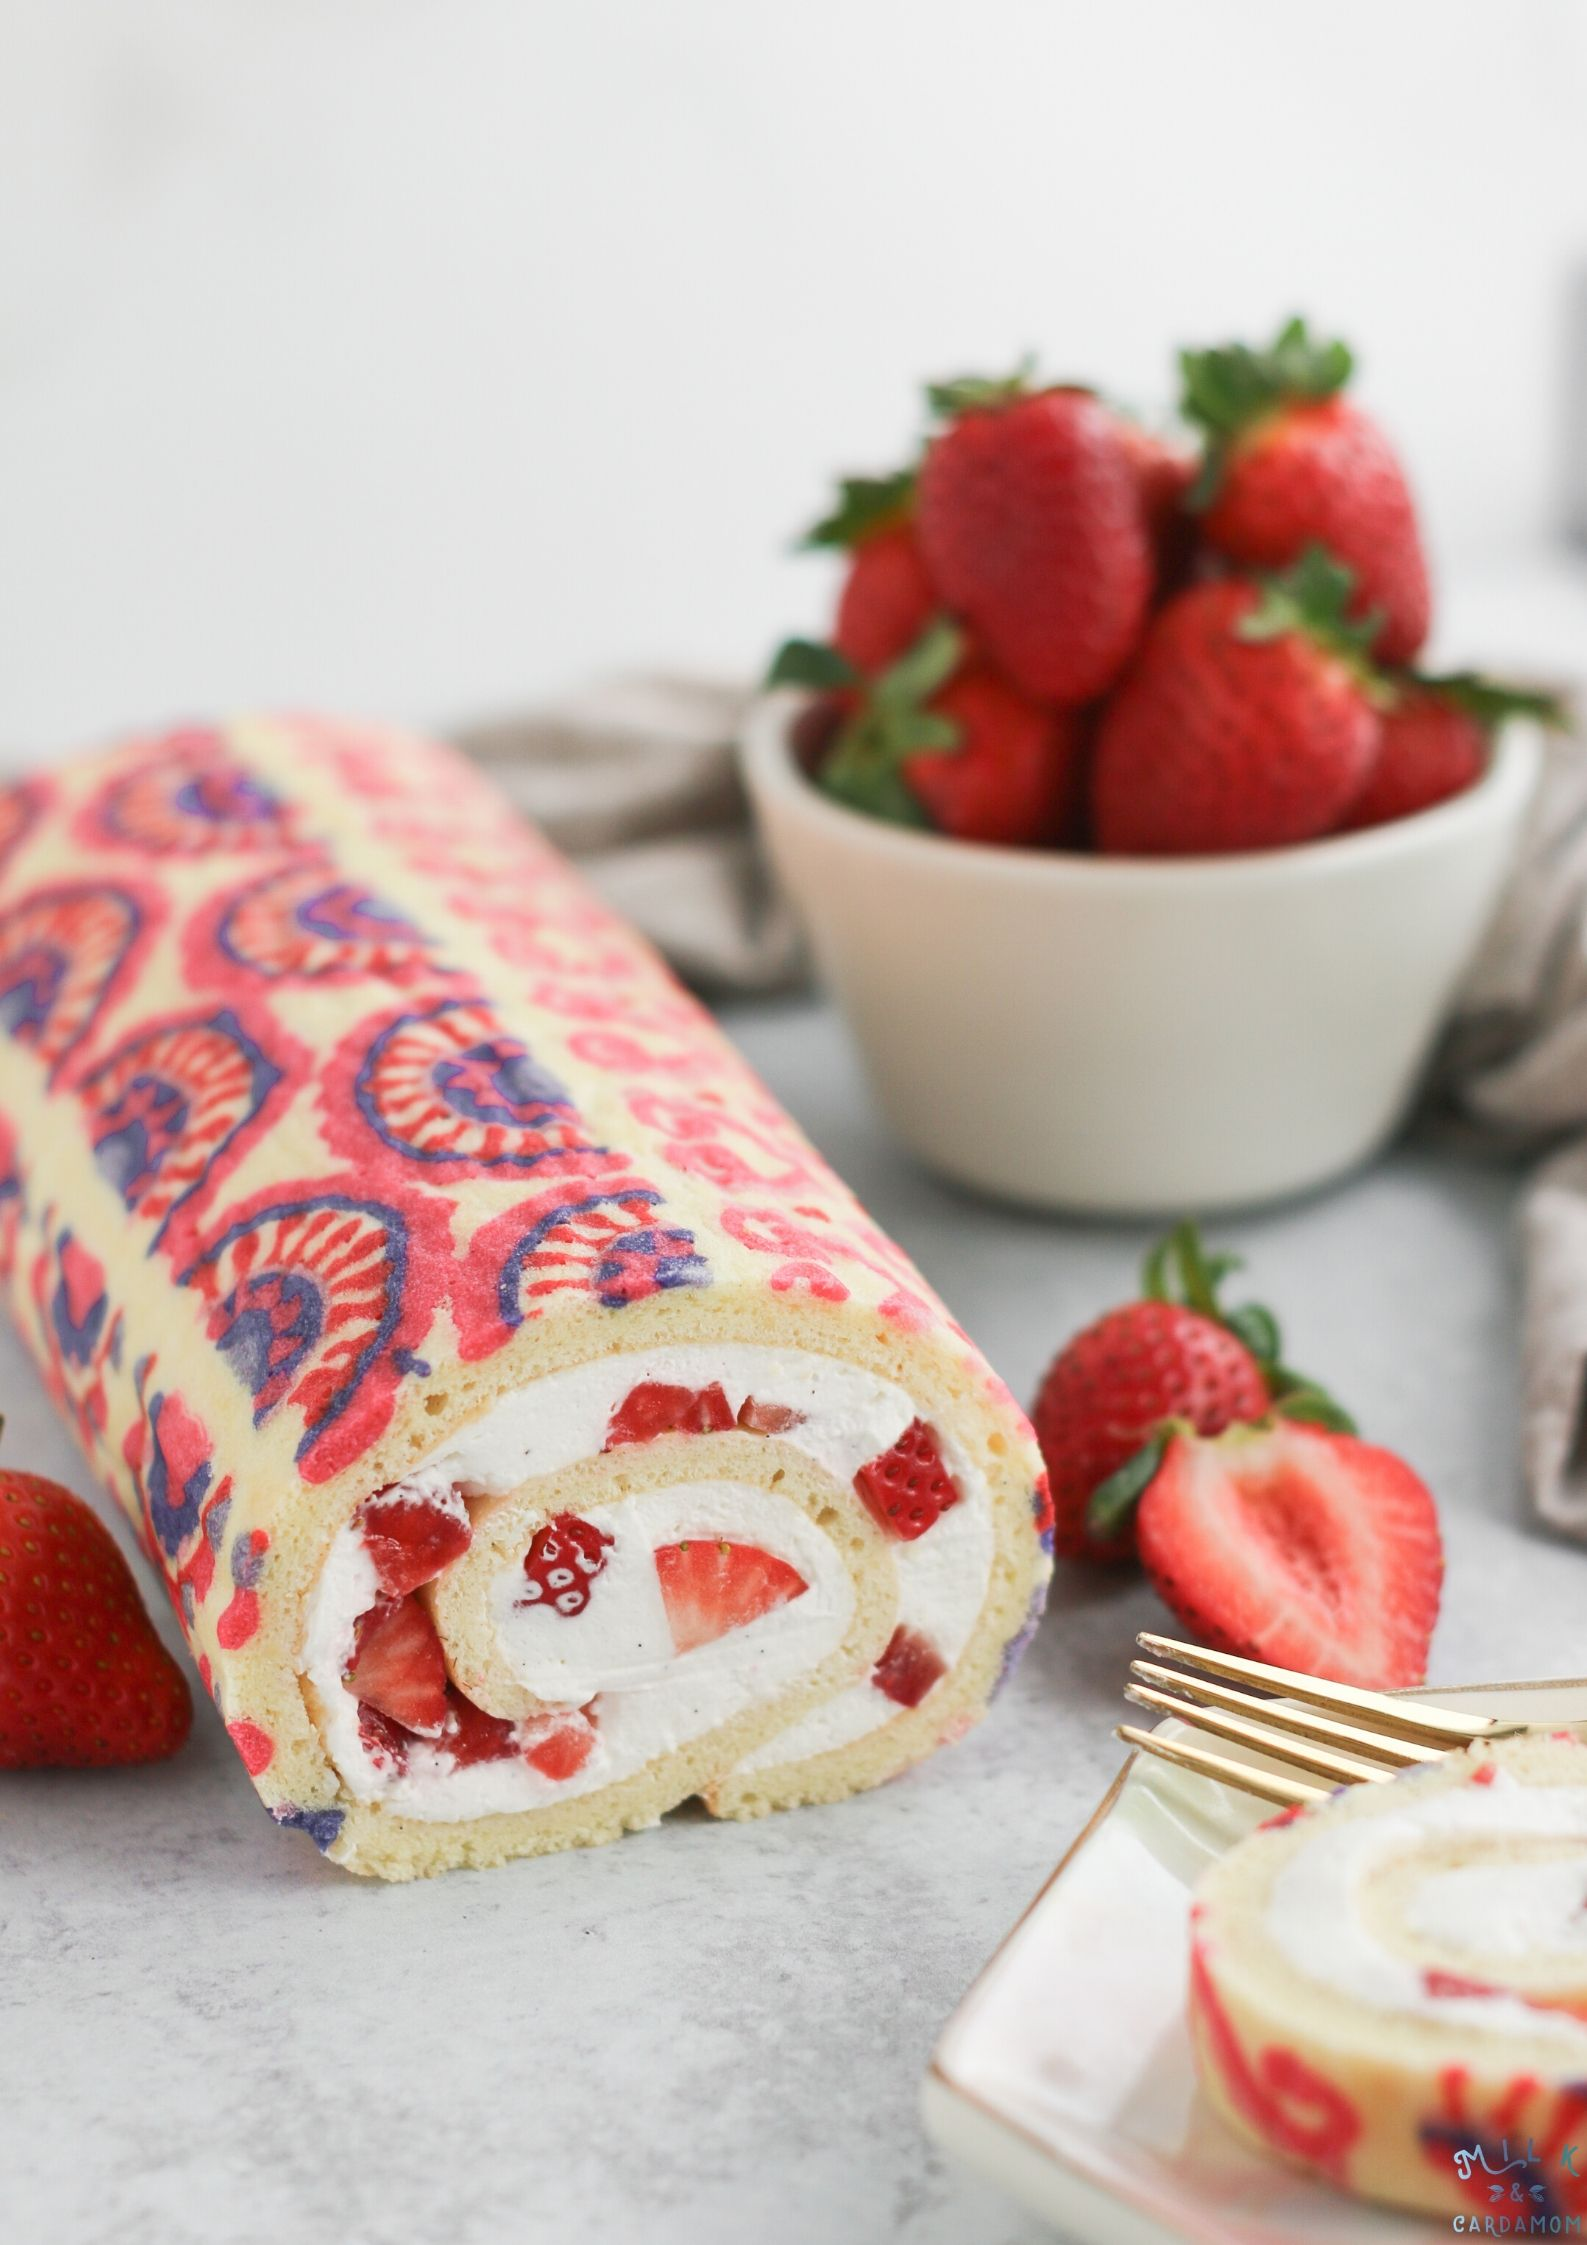 Strawberries And Cream Swiss Roll Milk Cardamom